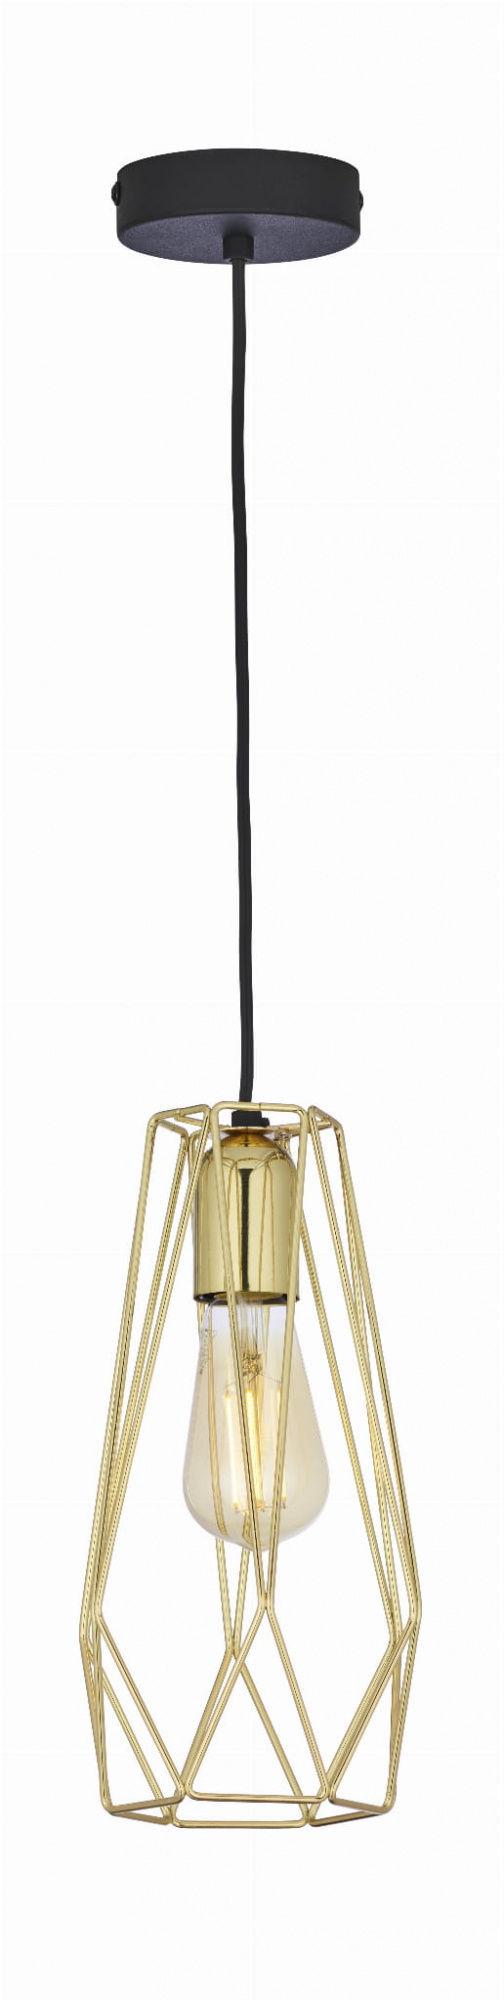 Lampa wisząca Lugo Gold 2696 TK Lighting nowoczesna oprawa w kolorze czarnym